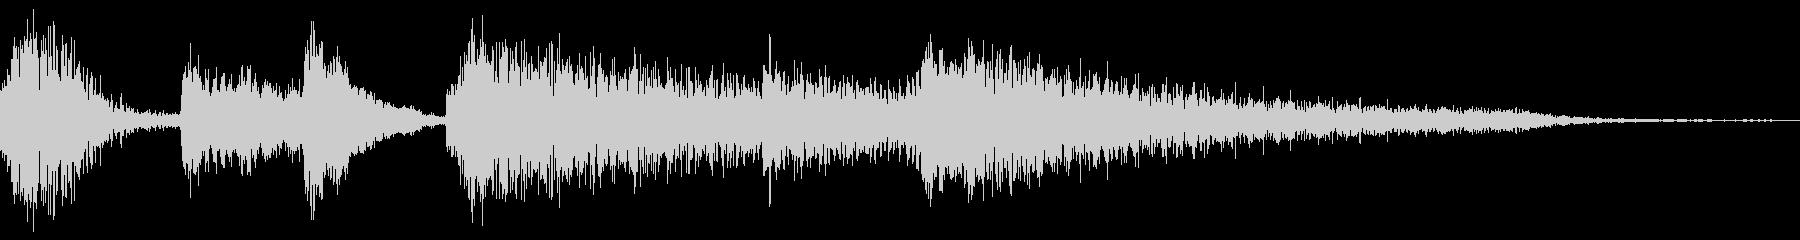 ピアノのプレーンなジングル 3秒の未再生の波形